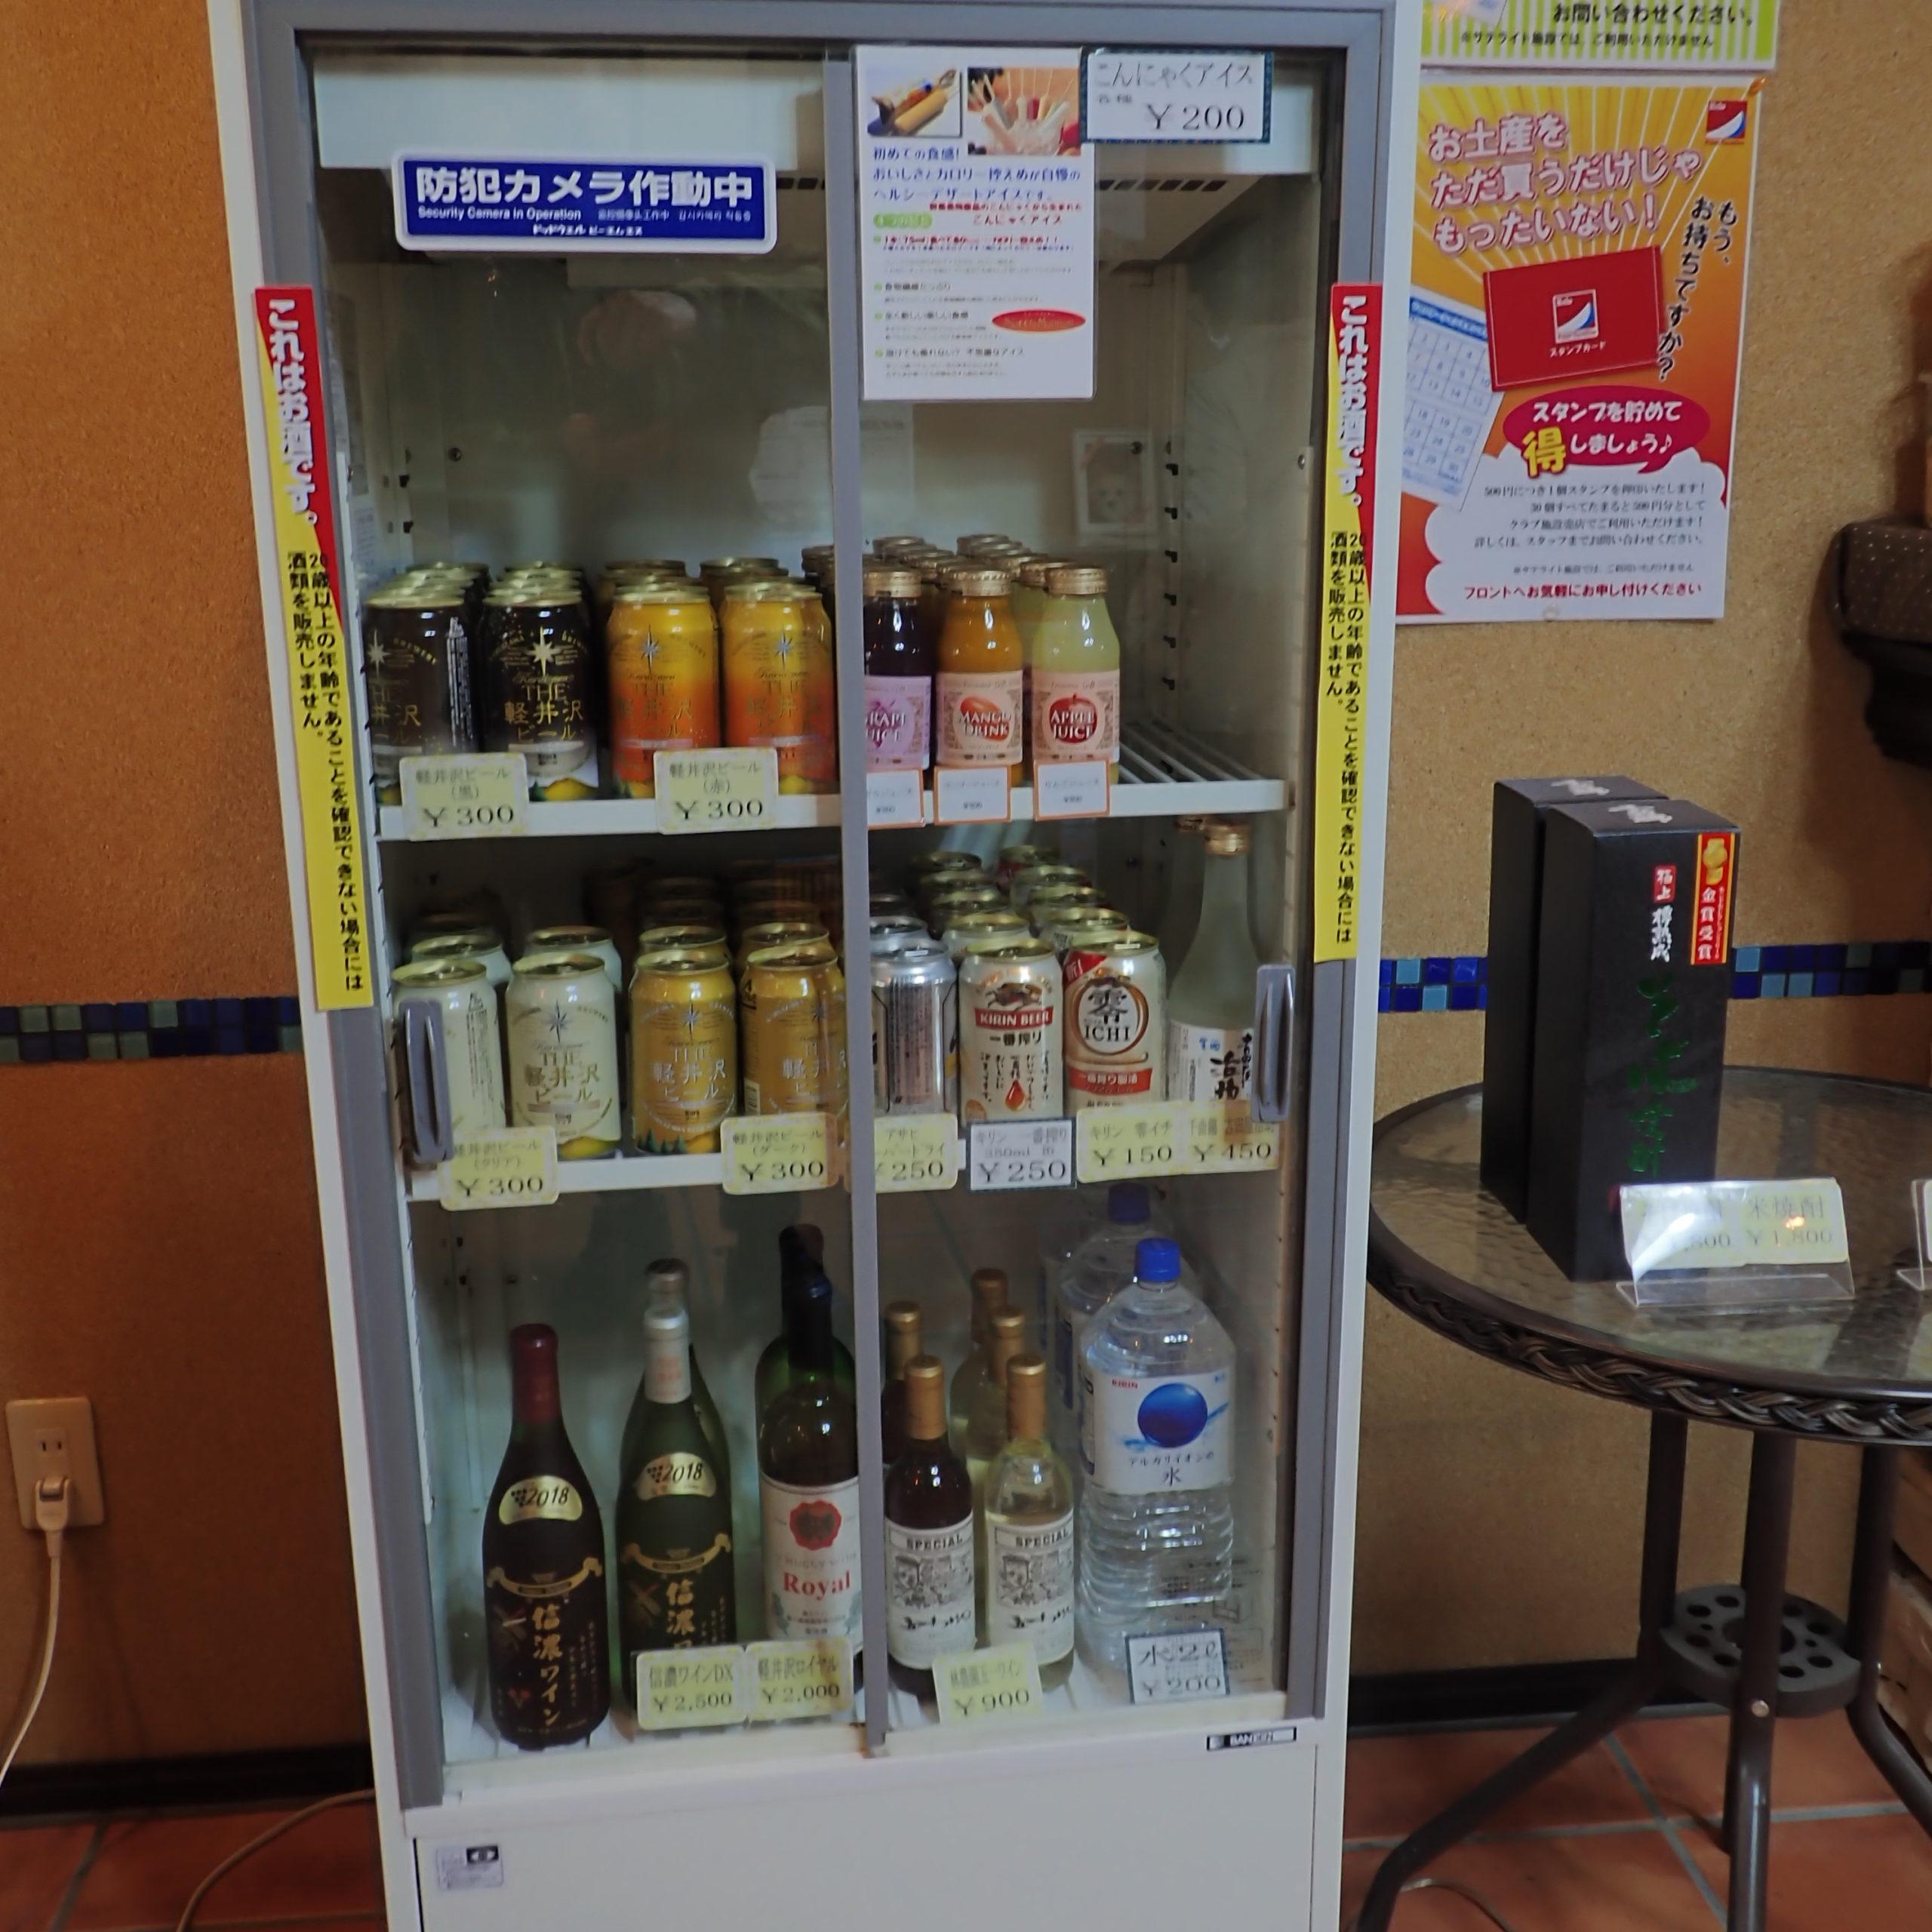 ポイントバケーション軽井沢のフロントで販売されているドリンク